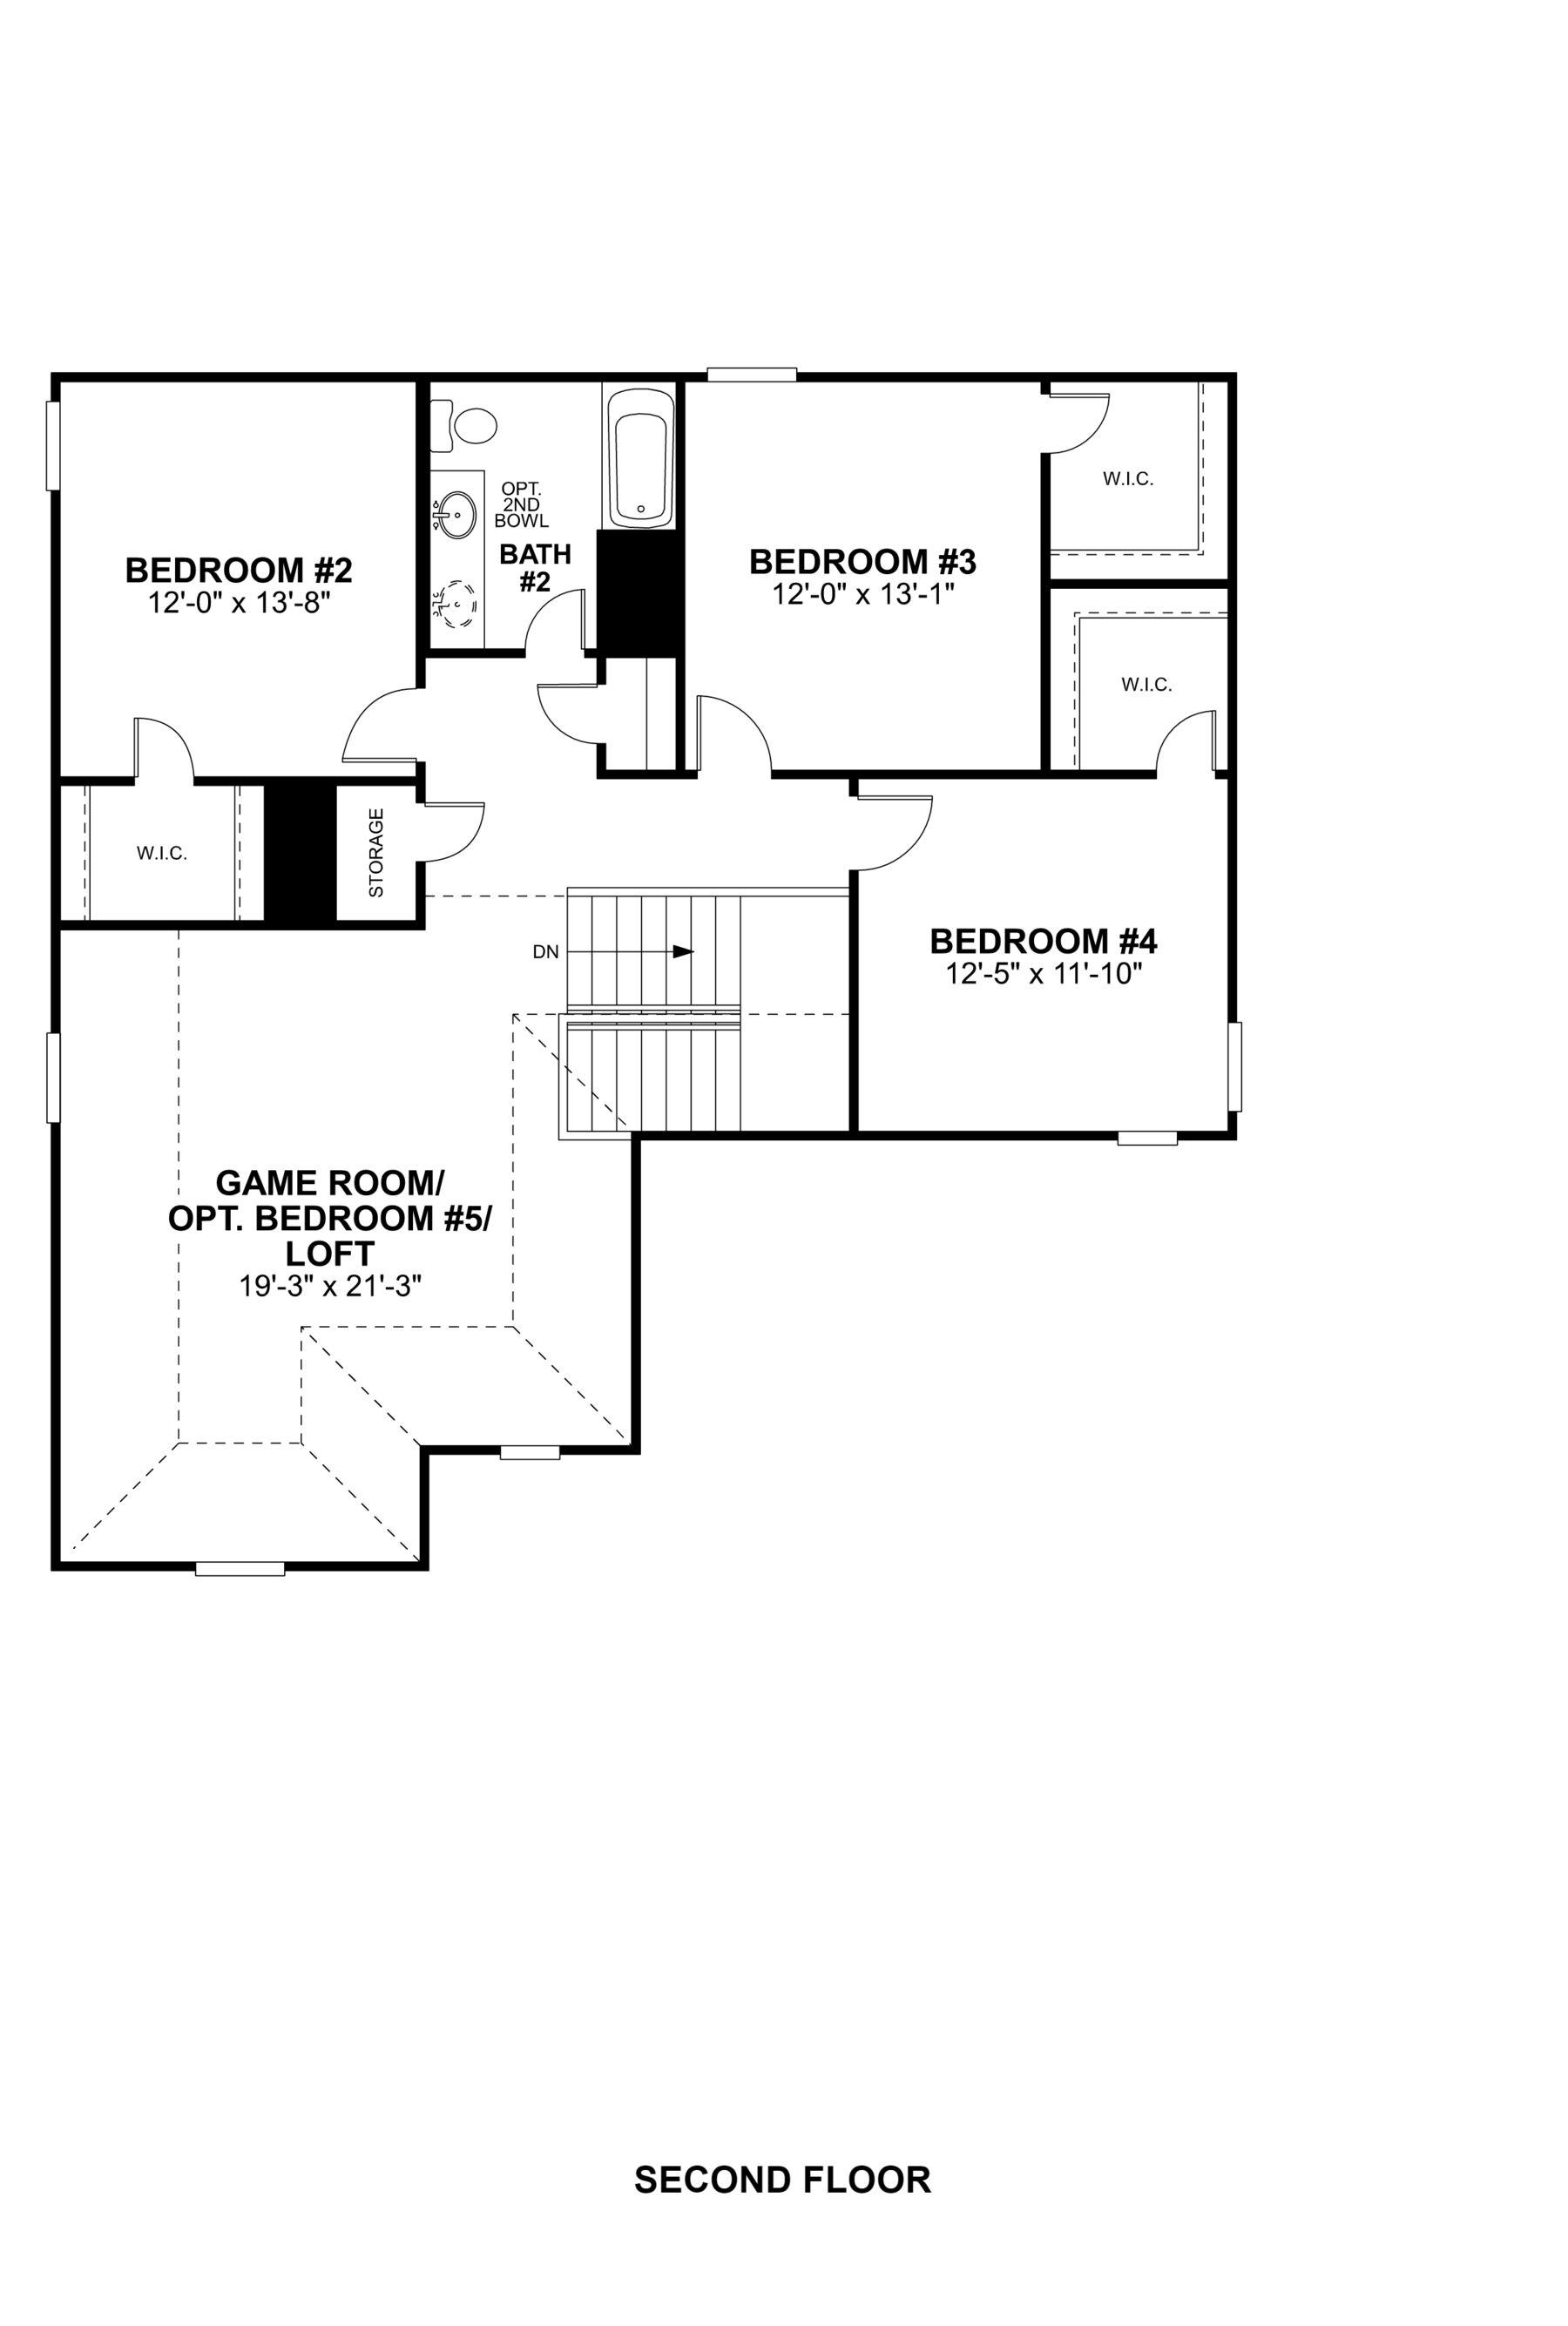 Magellan Second Floor